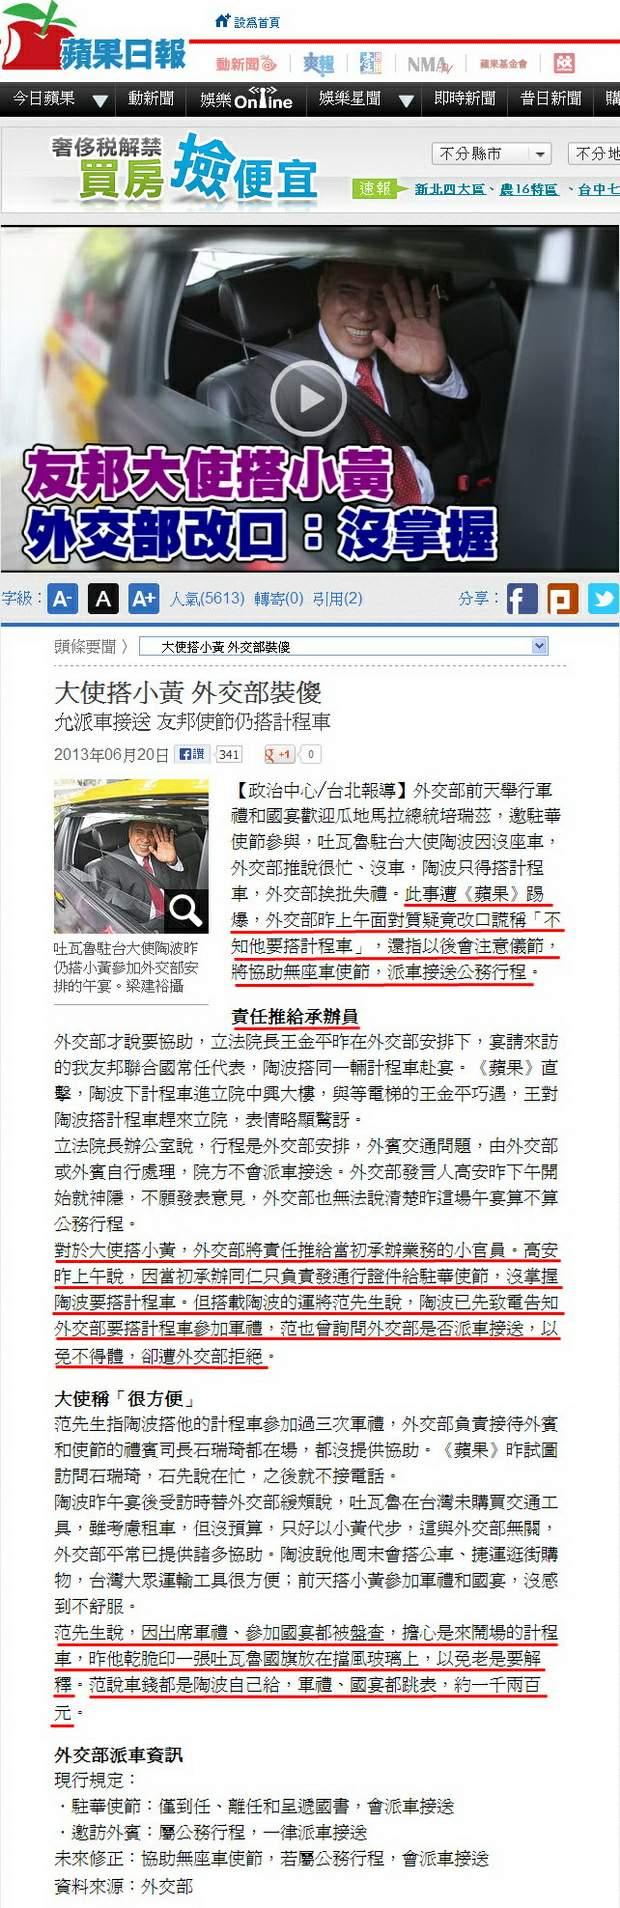 大使搭小黃 外交部裝傻-2013.06.20